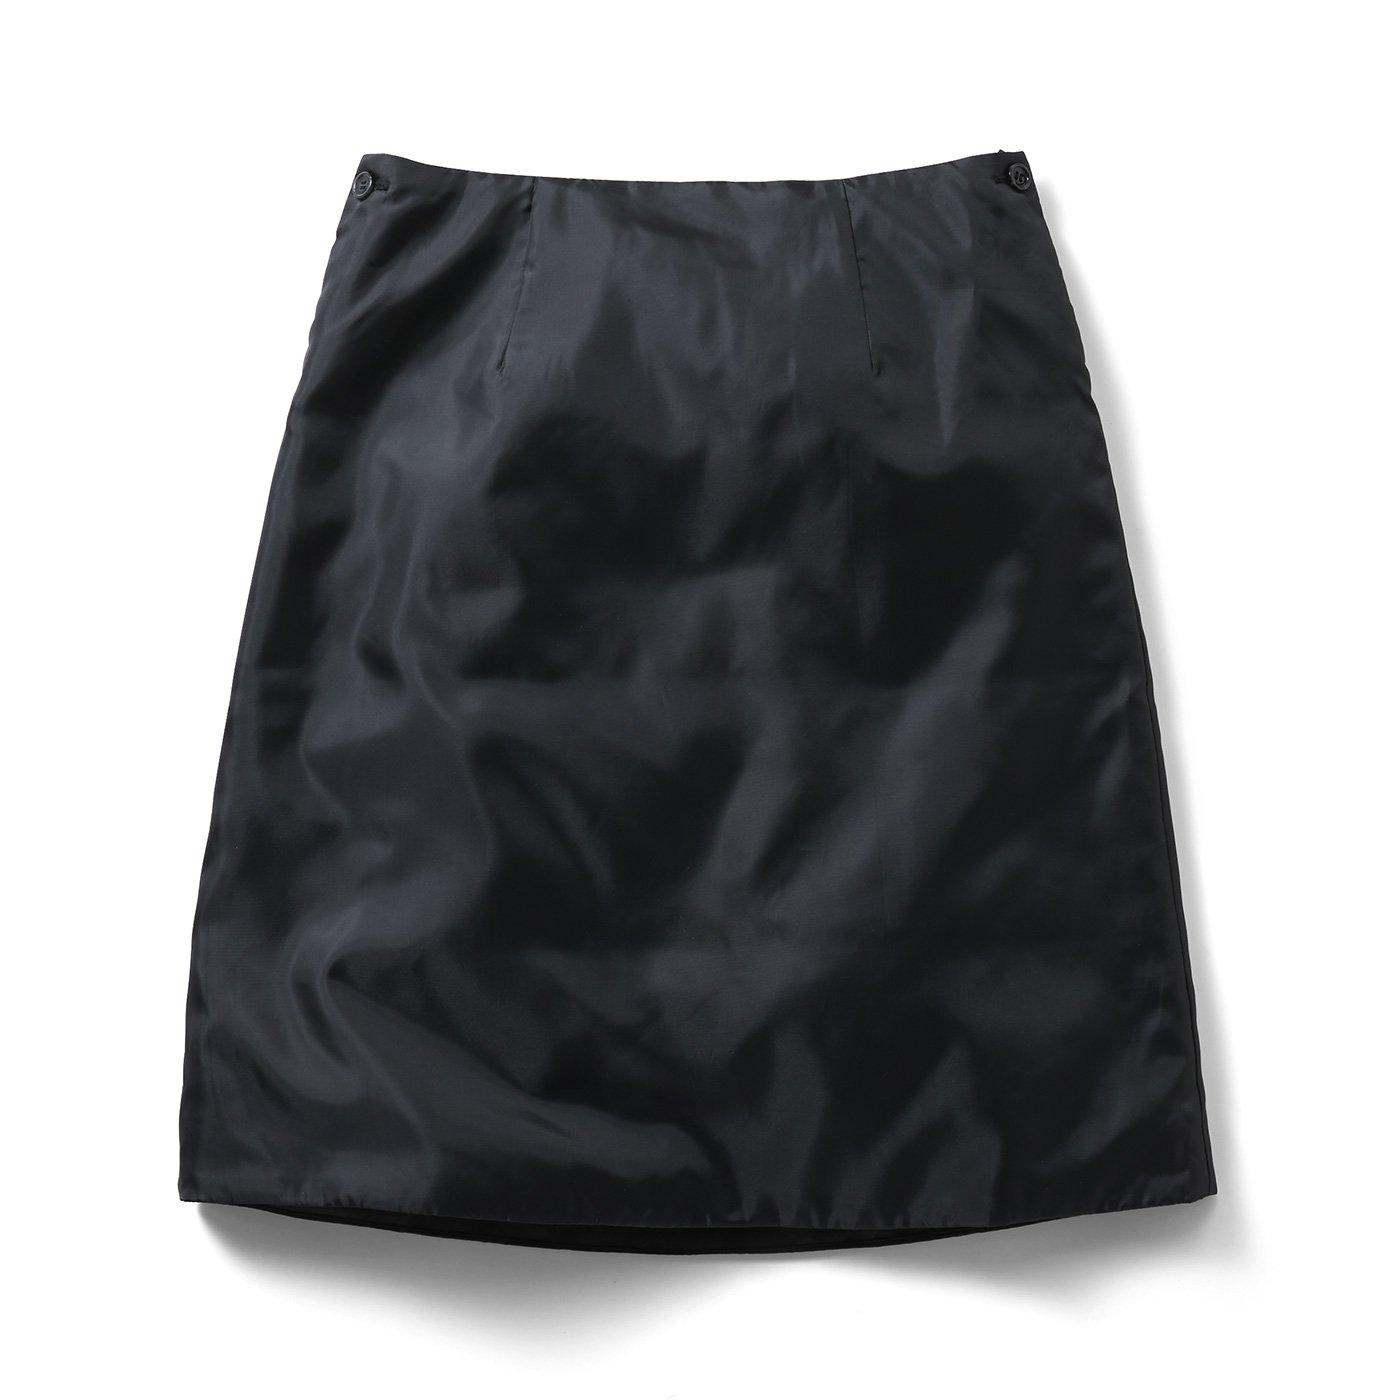 IEDIT[イディット] 寒くてもスカート派!さんの味方 暖かさをプラスする中わた入りインナーペチスカート〈ブラック〉